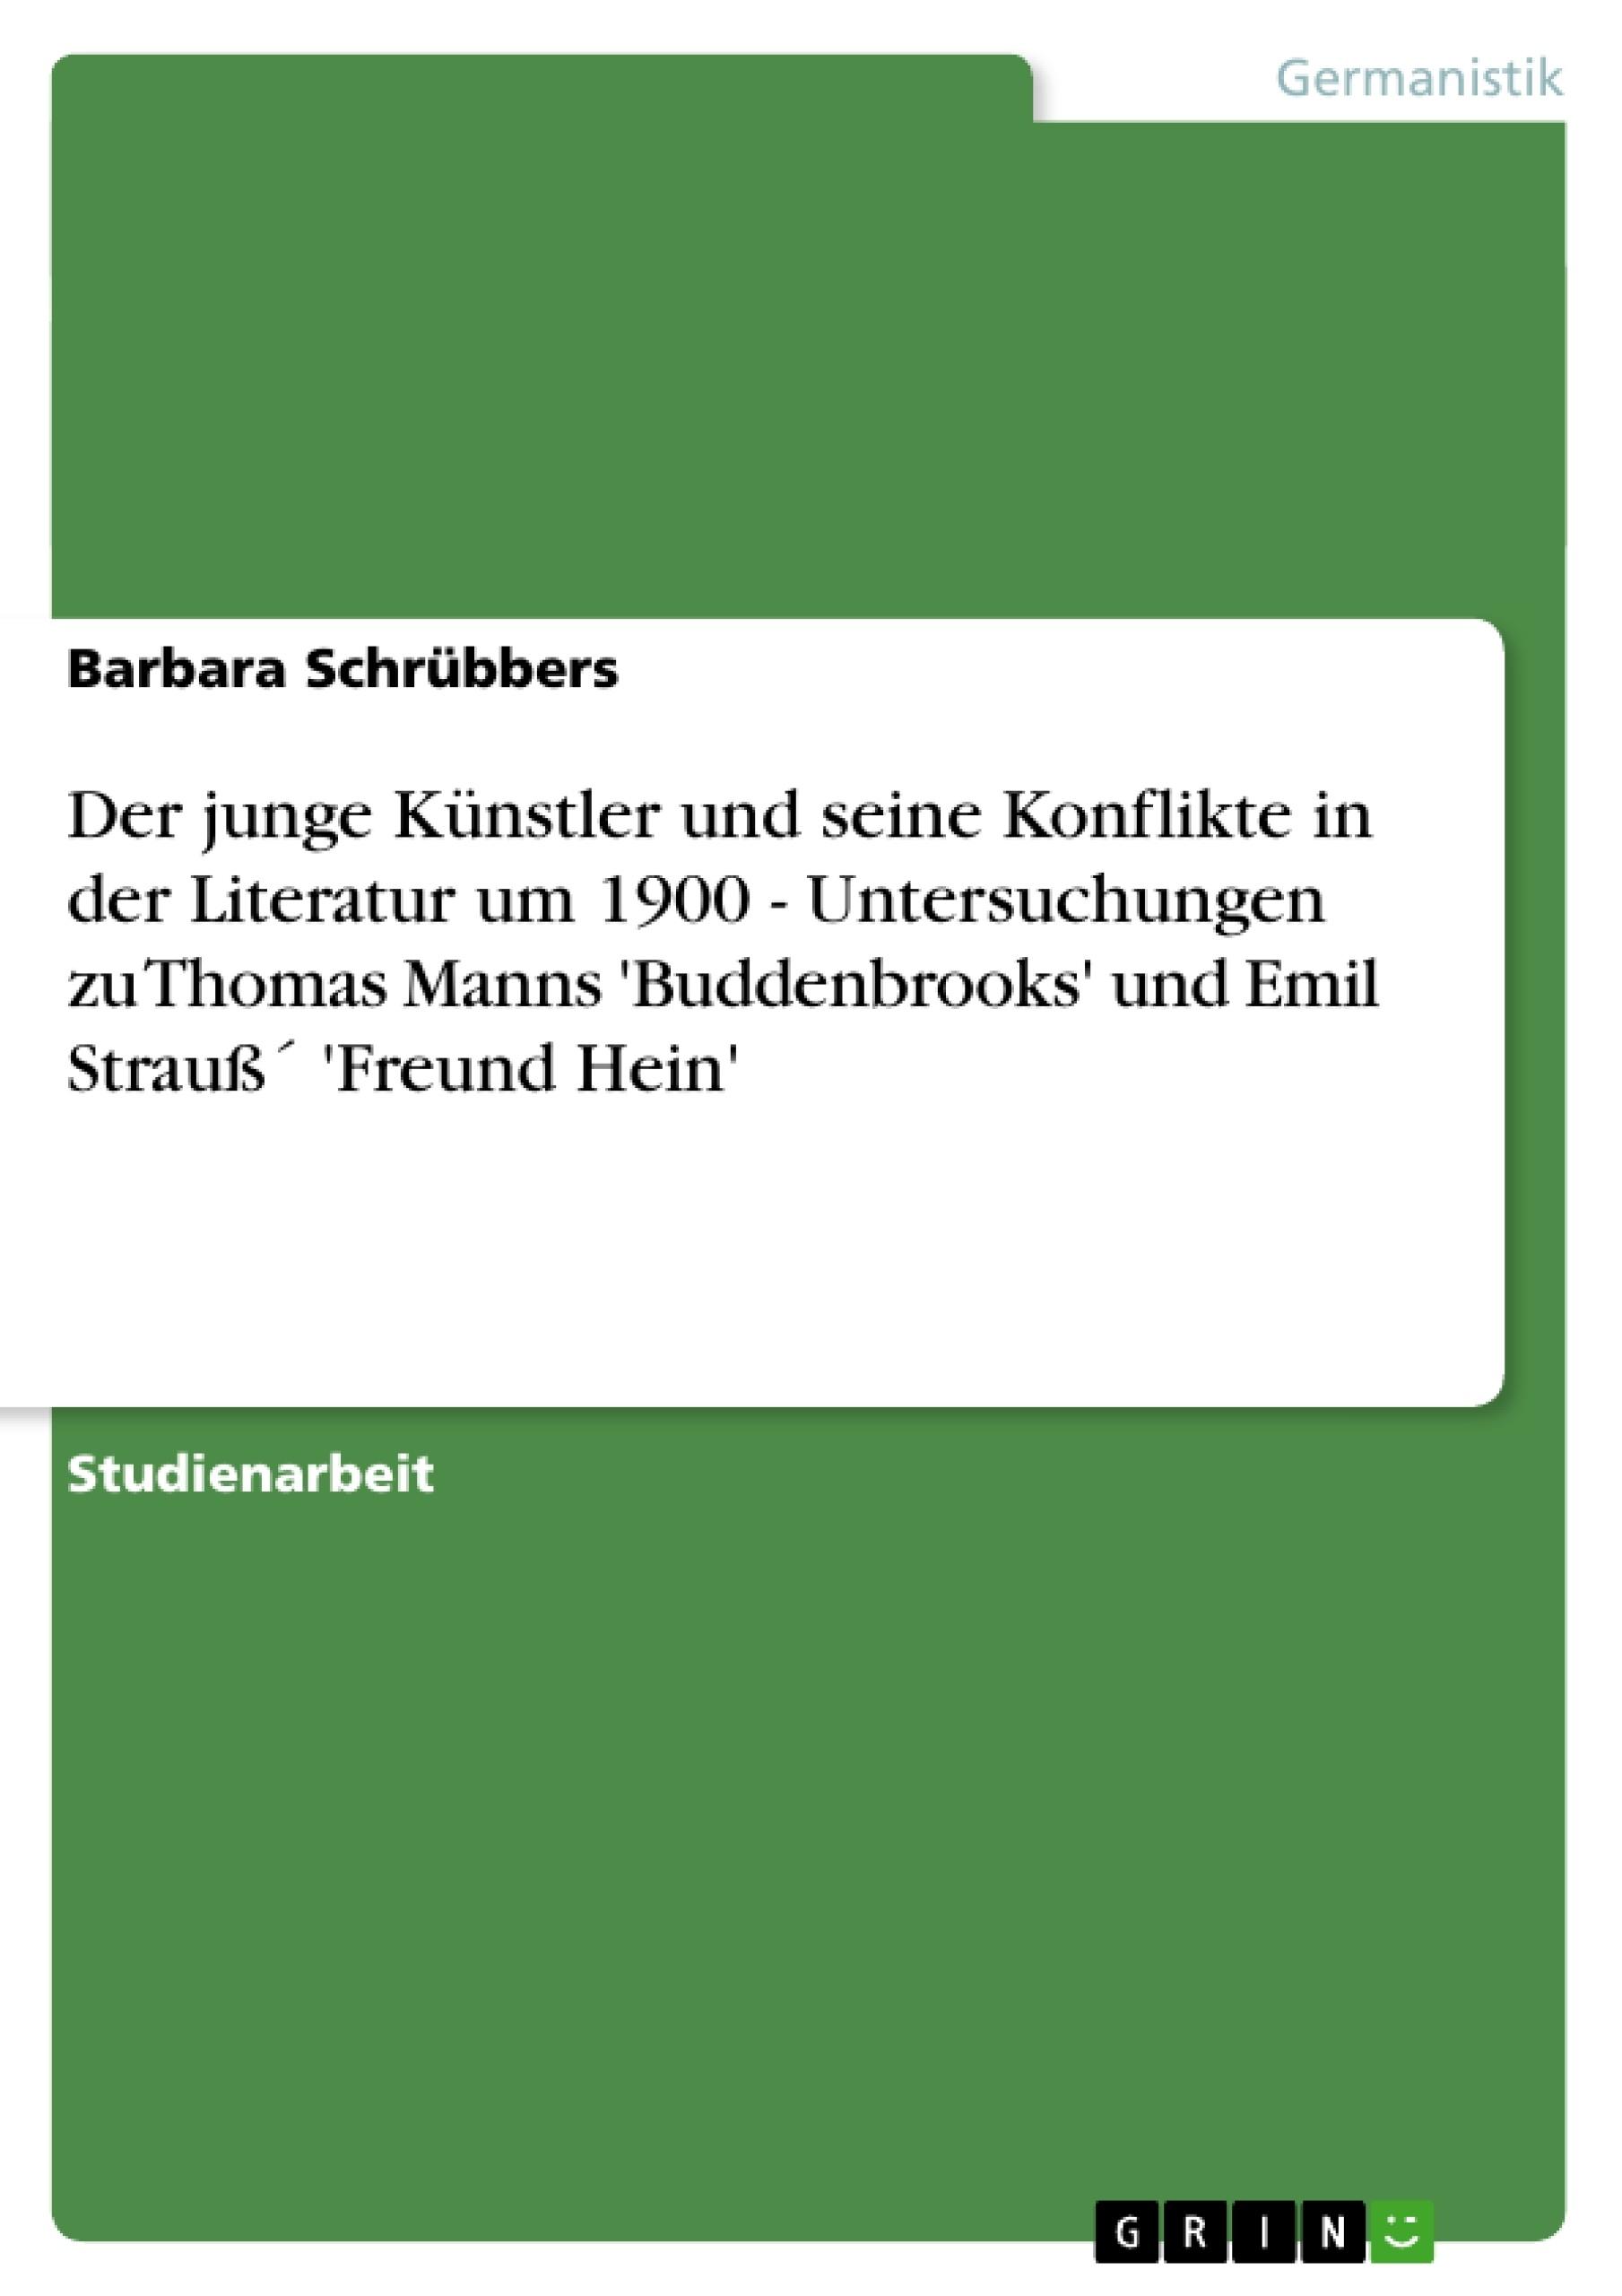 Titel: Der junge Künstler und seine Konflikte in der Literatur um 1900 - Untersuchungen zu Thomas Manns 'Buddenbrooks' und Emil Strauß´ 'Freund Hein'